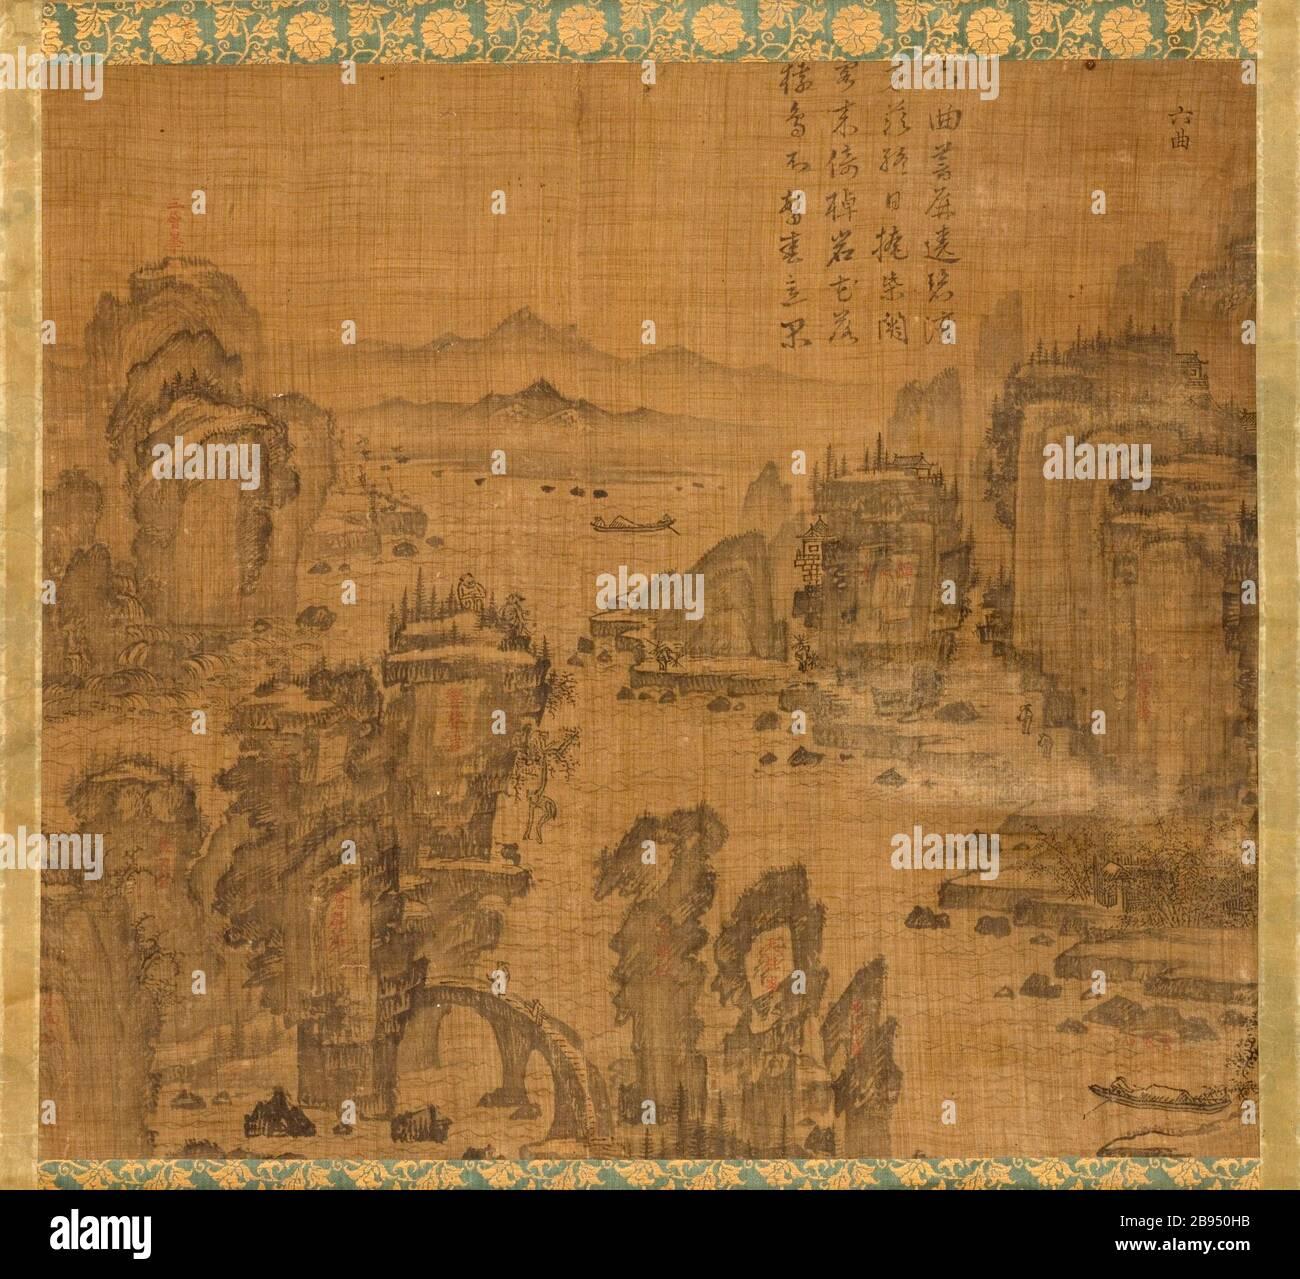 """""""Le sixième des neuf virages Le Mont Wuyi, Chine (image 1 de 5); Anglais: Corée, Korean, Dynastie Joseon (1392-1910), 17e siècle encre, défilement pendaison sur ramie chanvre ou de droit: 20 3/4 x 23 1/8 in. (52,71 x 58,74 cm); le mont: 48 3/4 x 25 in. (123,83 x 63,5 cm); rouleau presseur: 27 1/4 in. (69,22 cm) achetés avec les fonds du musée (M2000.15.20); l'art coréen date du 17ème siècle QS:P571,+1650-00-00T00:00:00Z/7; ' Banque D'Images"""